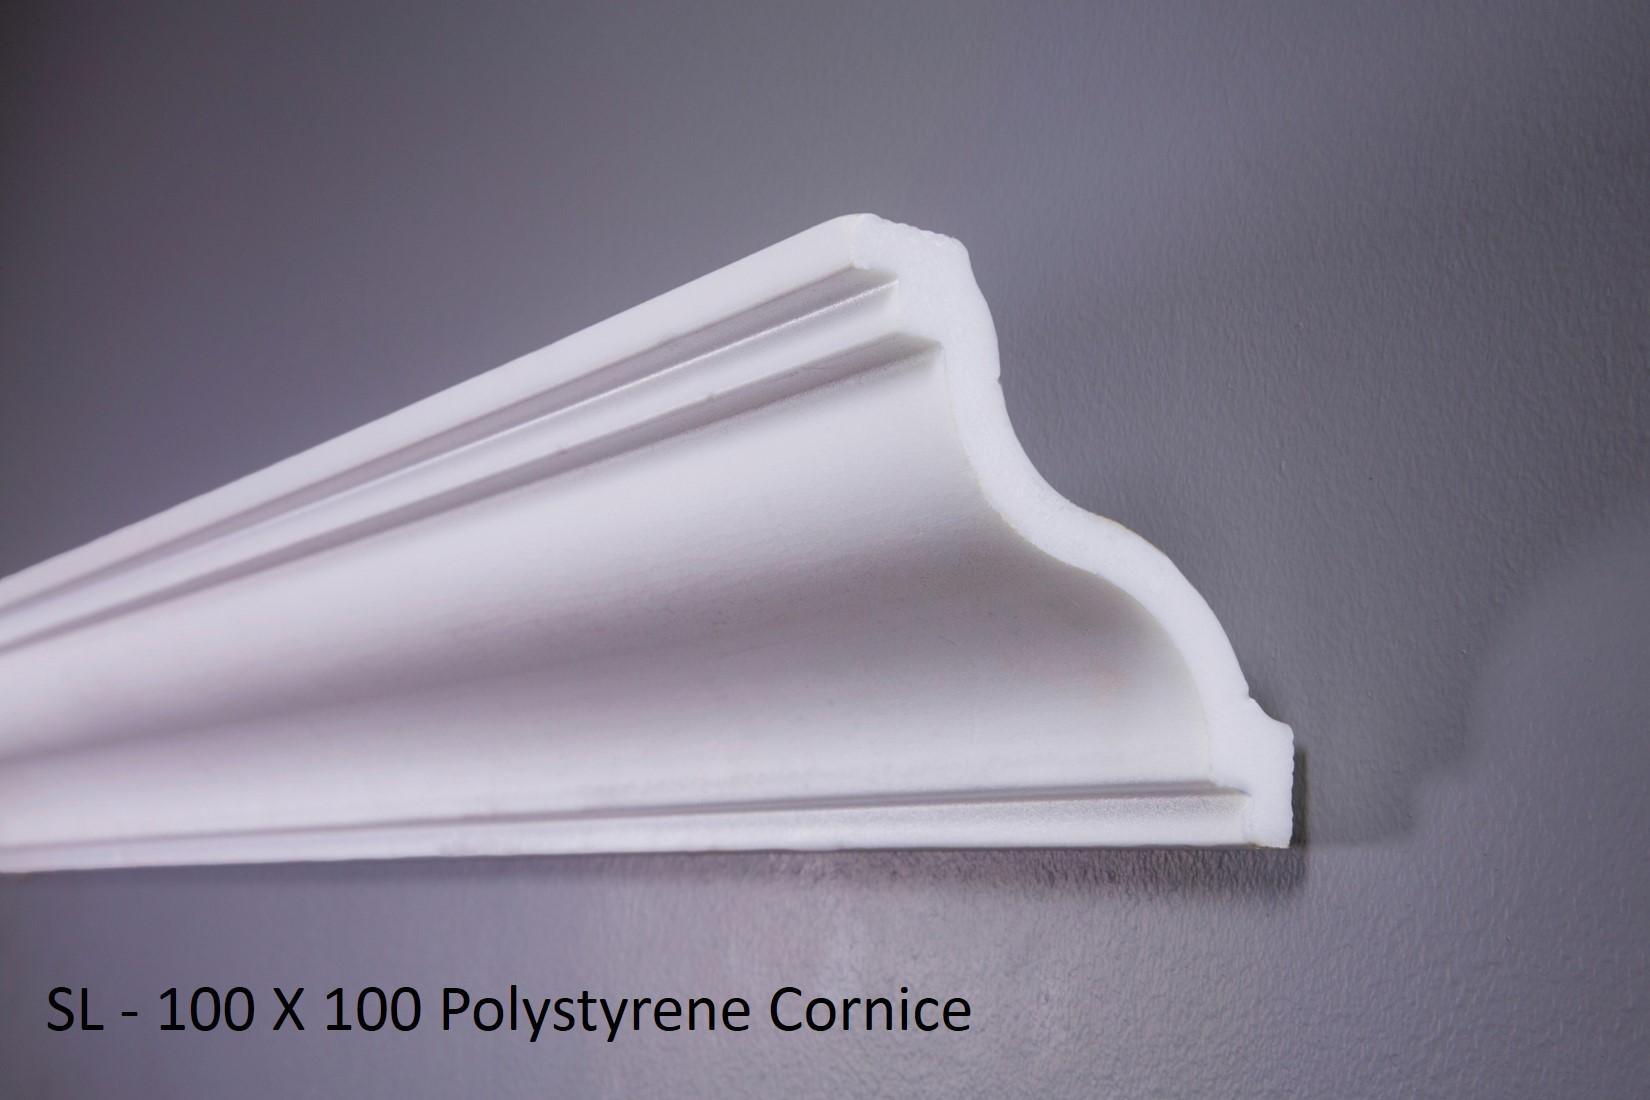 SL - 100 X 100 Polystyrene Cornice